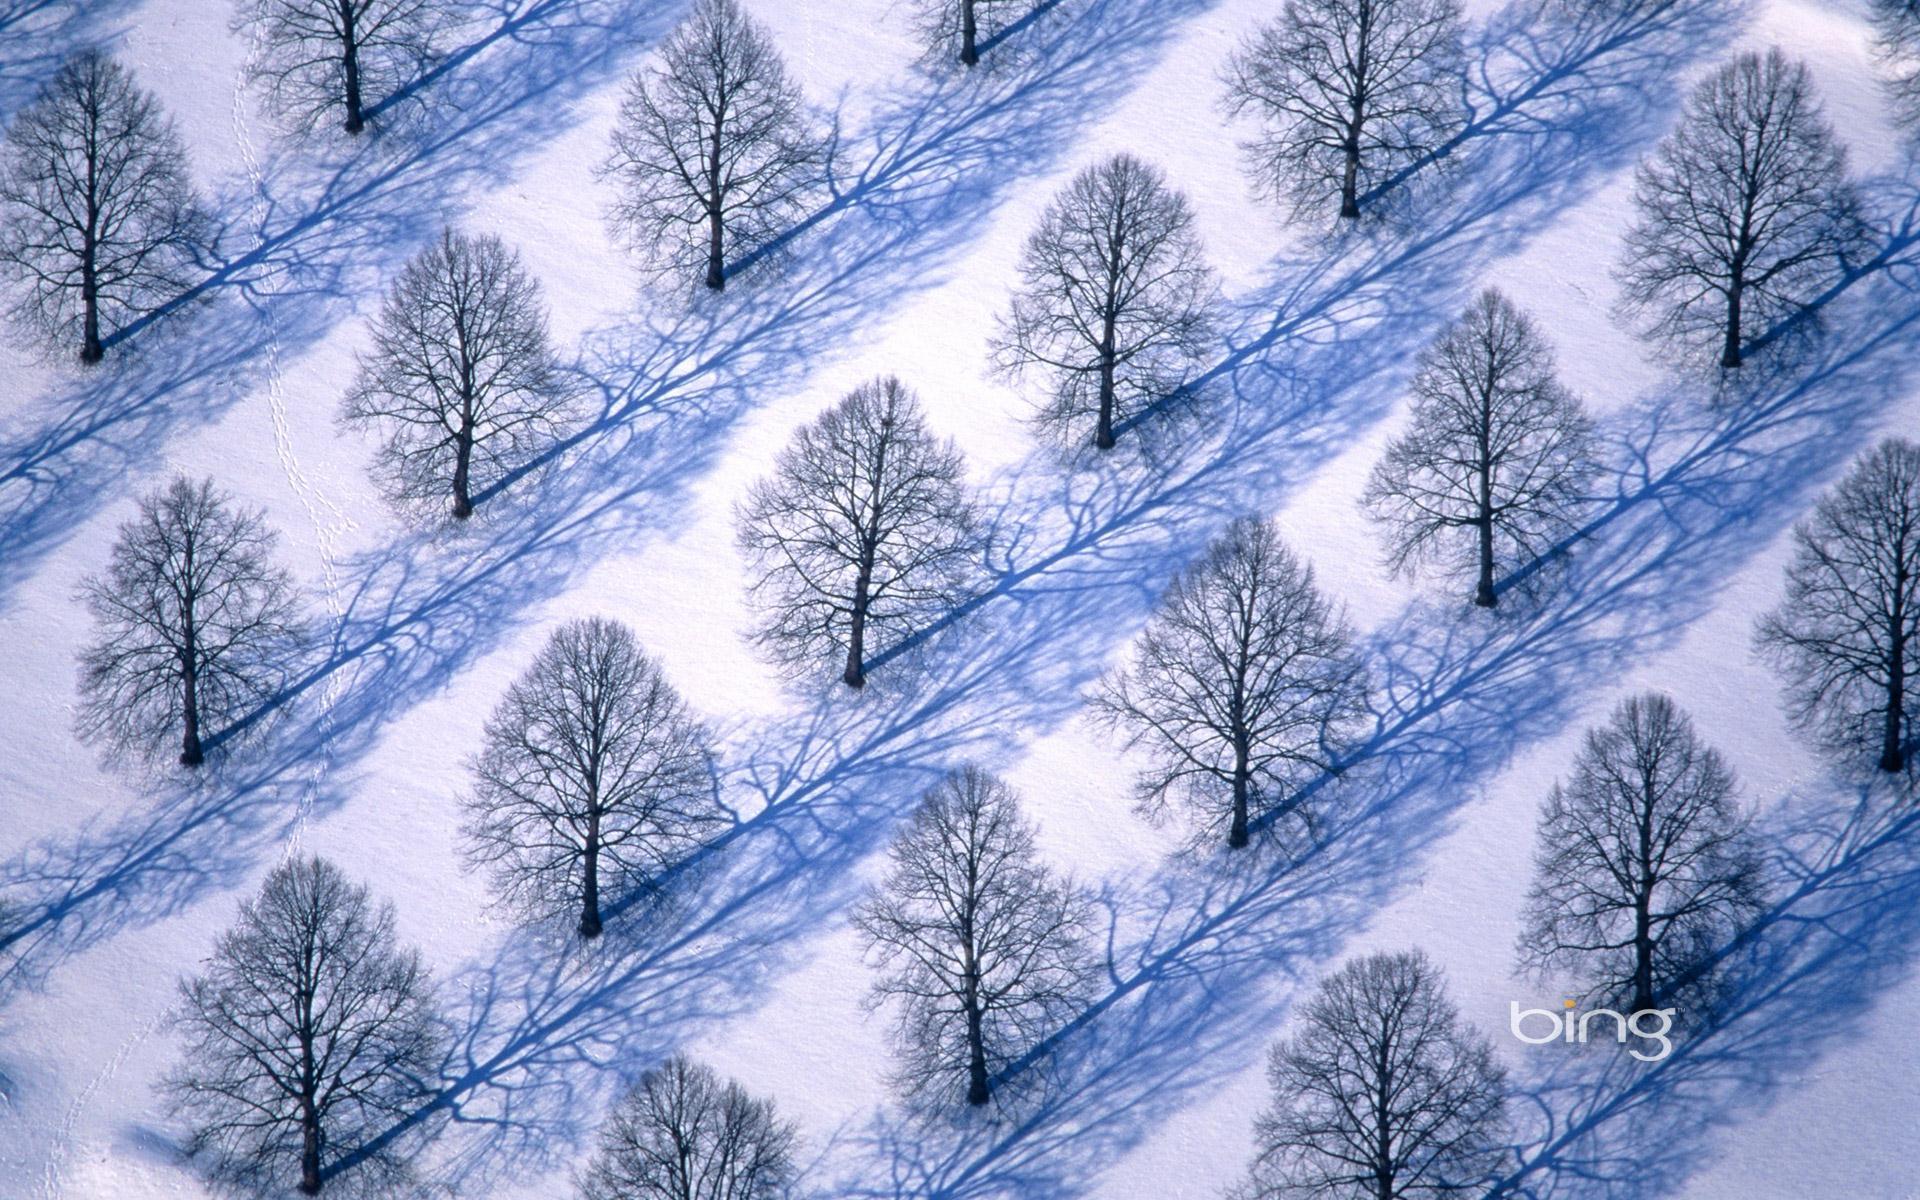 Trees in winter landscape HD Bing Wallpaper Archive 1920x1200